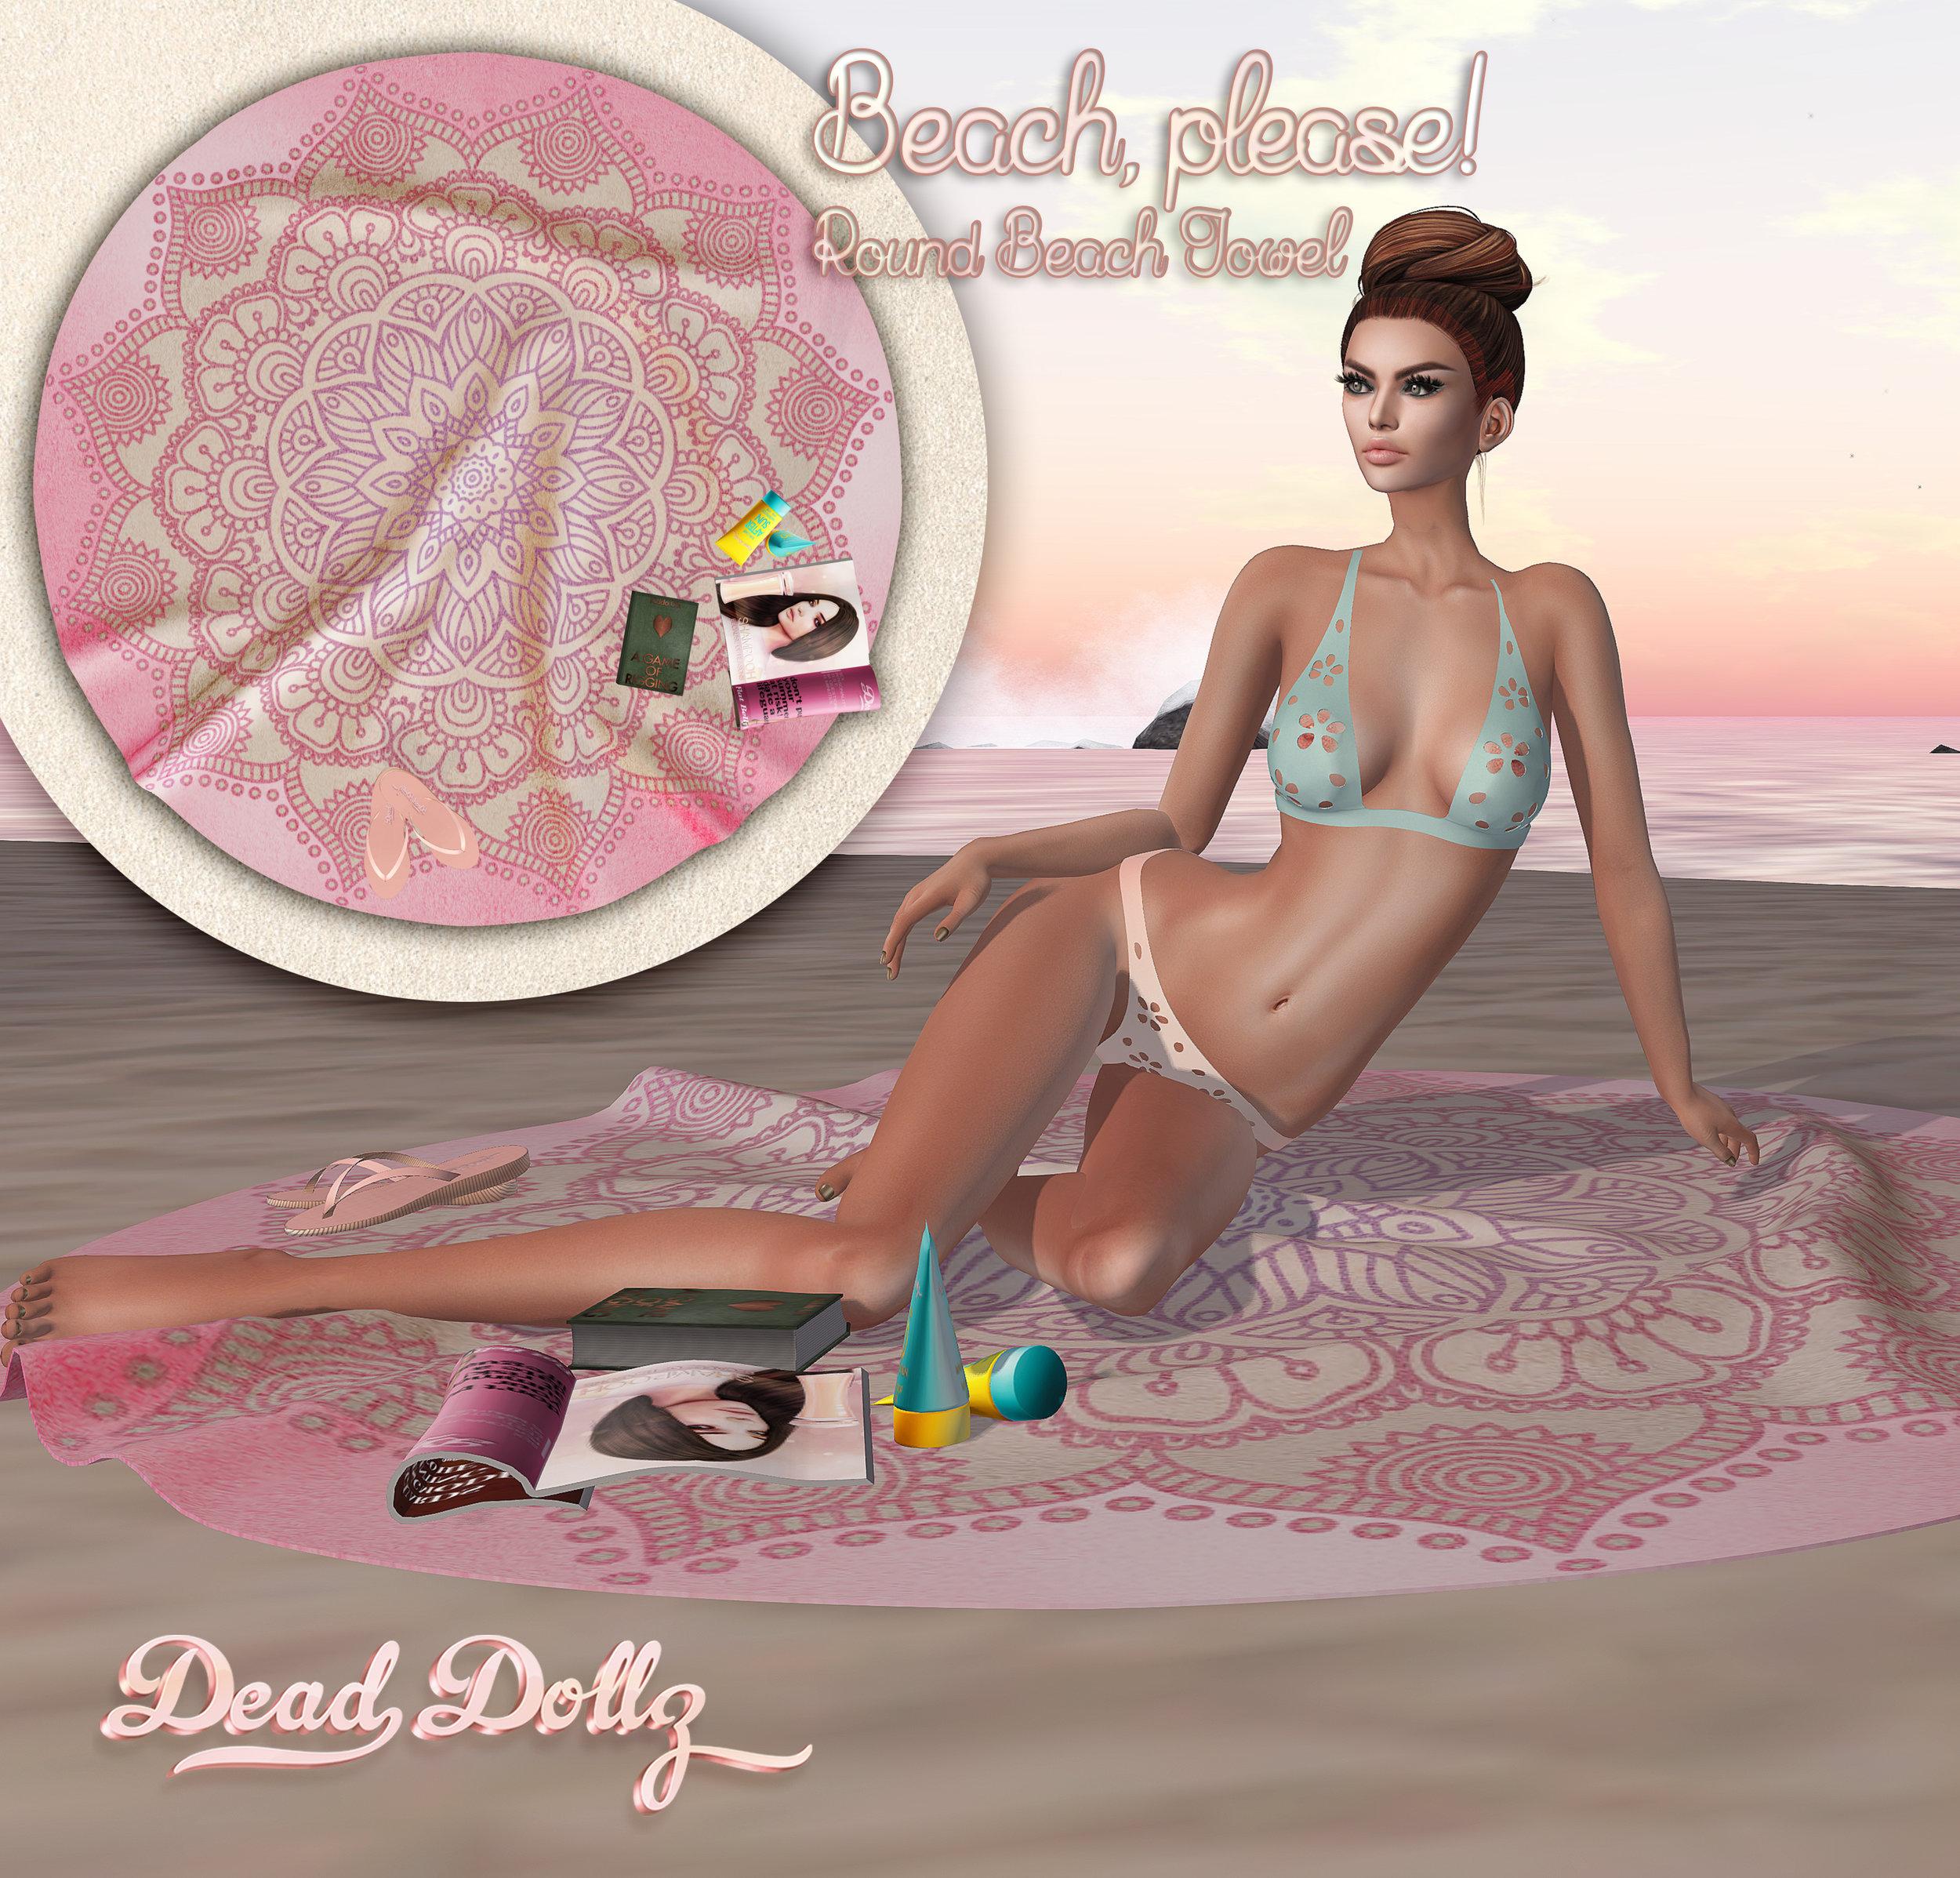 Dead-Dollz-Beach-Please-Towel-EpiphanyEclusive.jpg